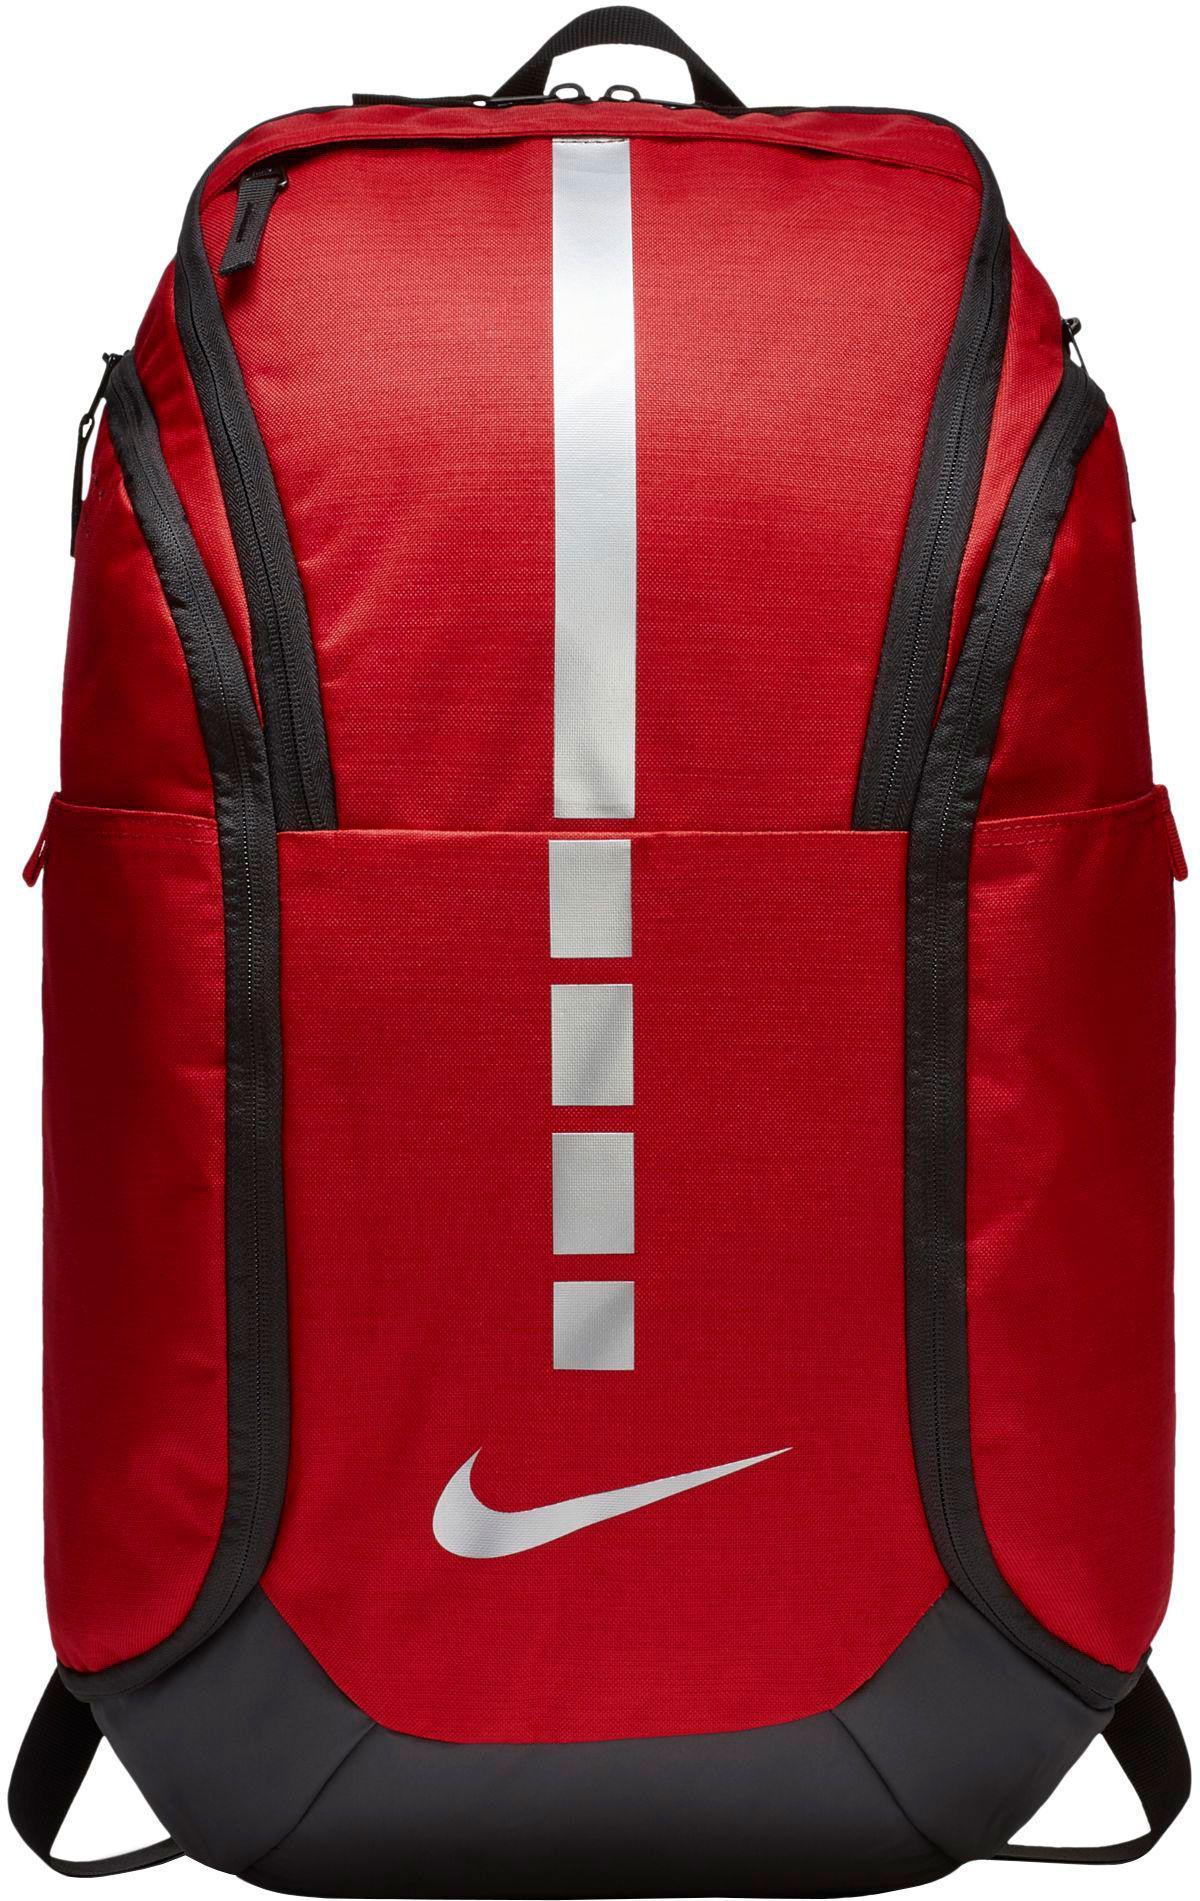 Lyst - Nike Hoops Elite Pro Basketball Backpack in Red for Men d5a5af387